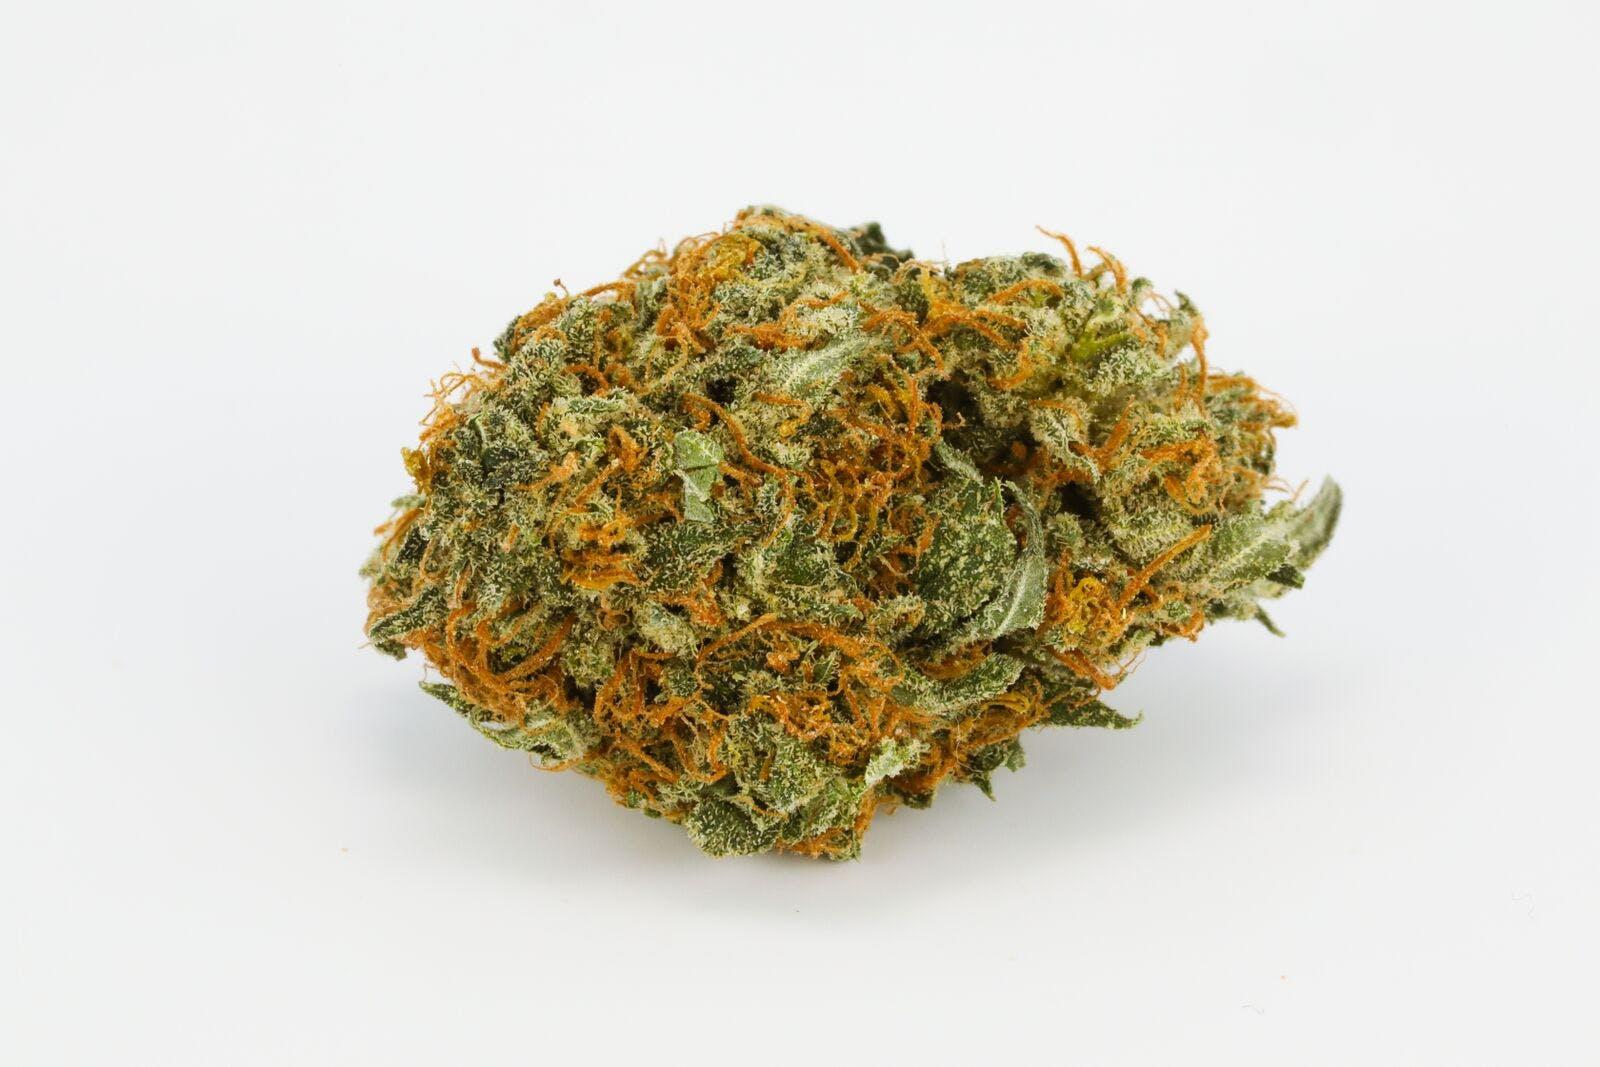 Alien Rock Candy Weed; Alien Rock Candy Cannabis Strain; Alien Rock Candy Hybrid Marijuana Strain